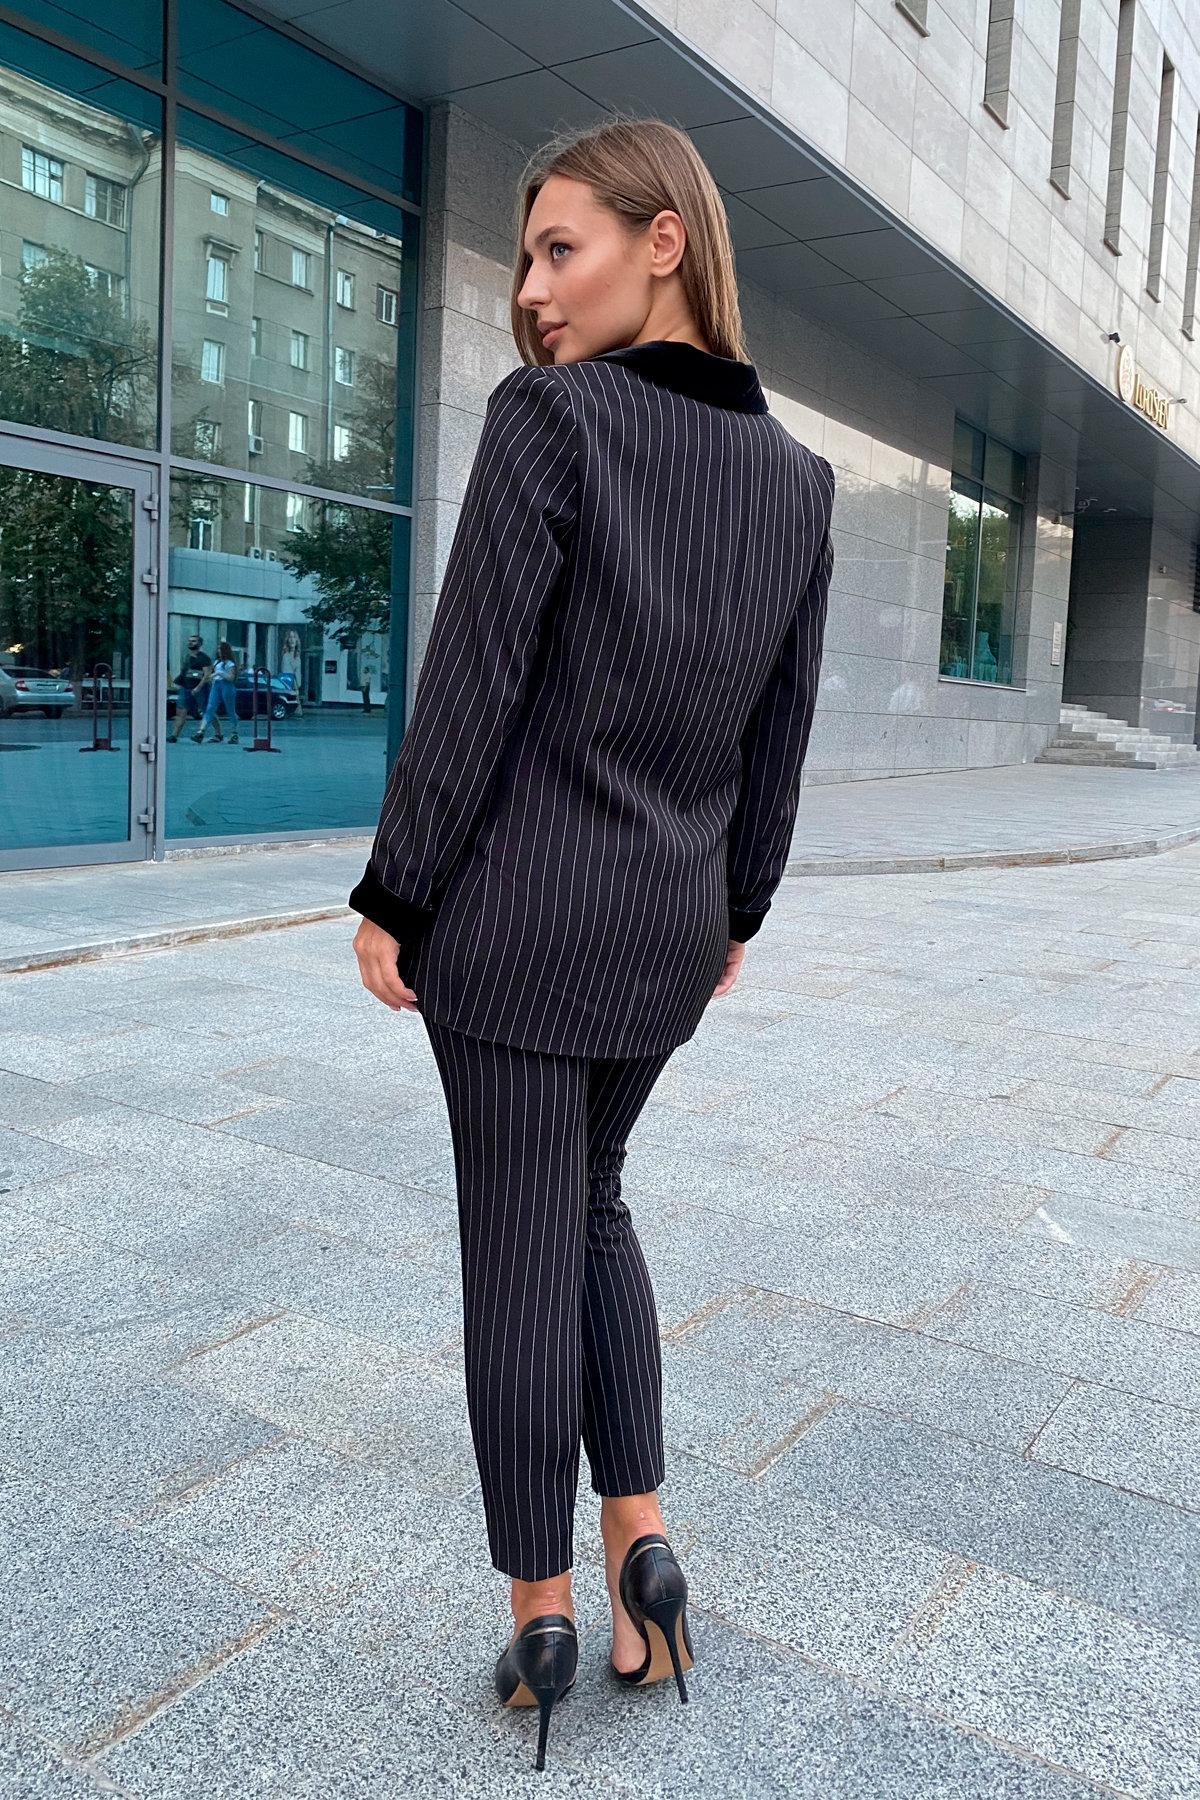 Арджи костюм в полоску из костюмной ткани 7795 Цвет: Полоска тон чер/бел